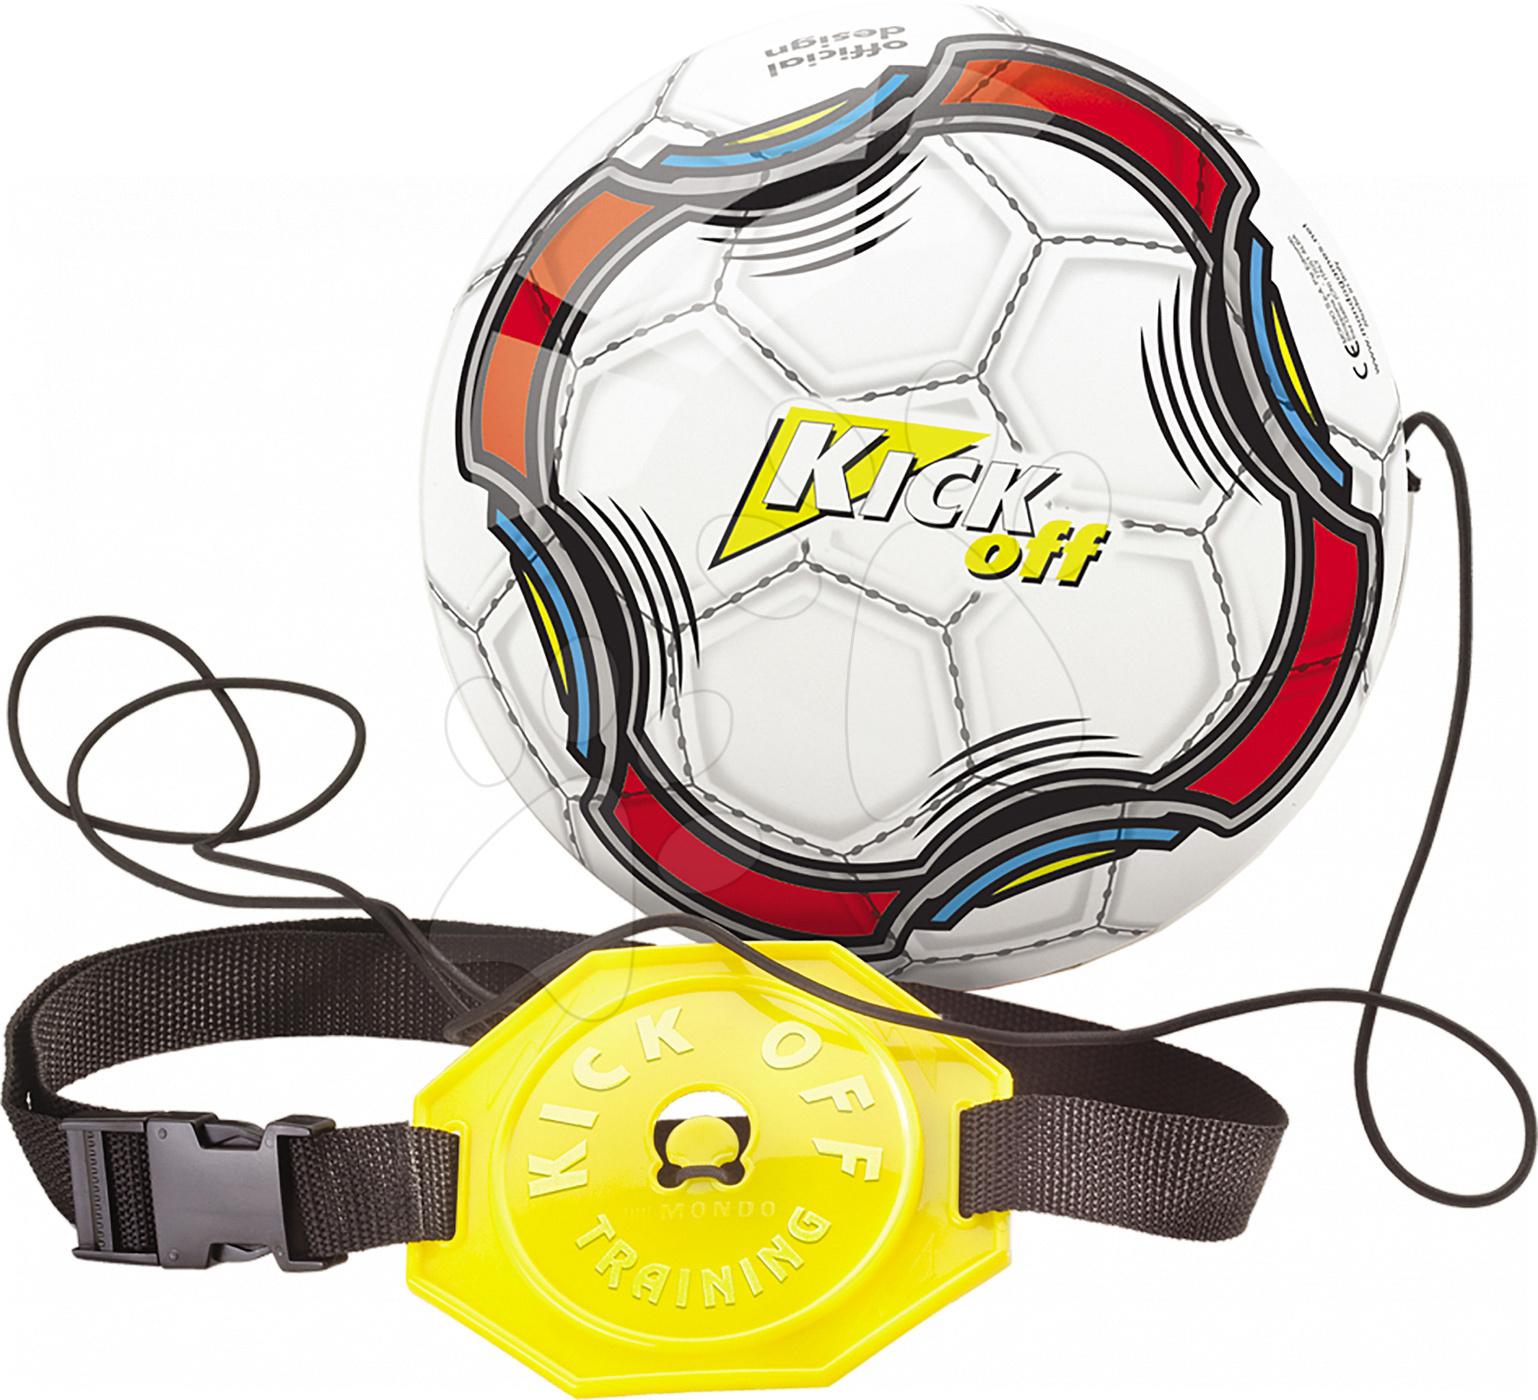 Fotbalový trénink Kick off Training Mondo opasek s připevněným míčem